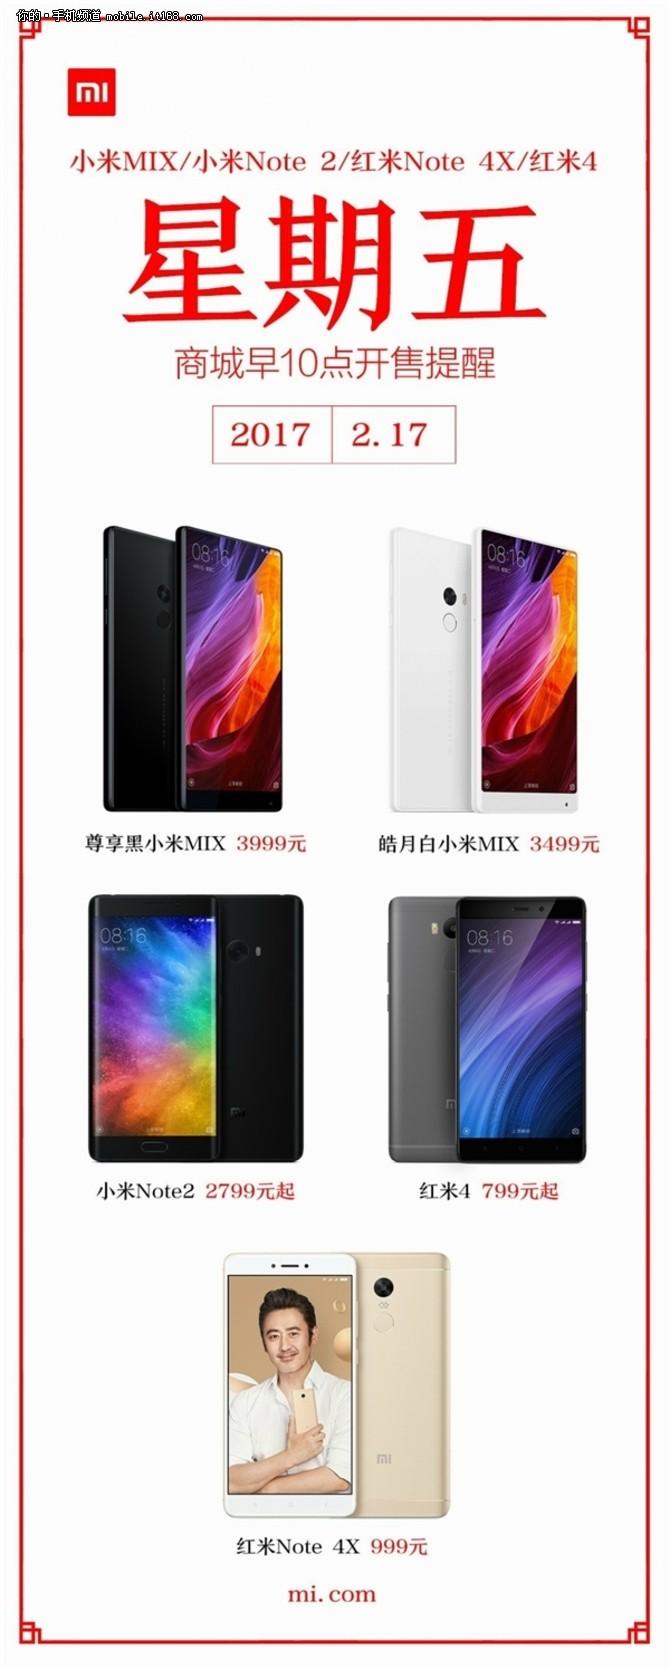 产能提升 小米商城多款手机再度开卖